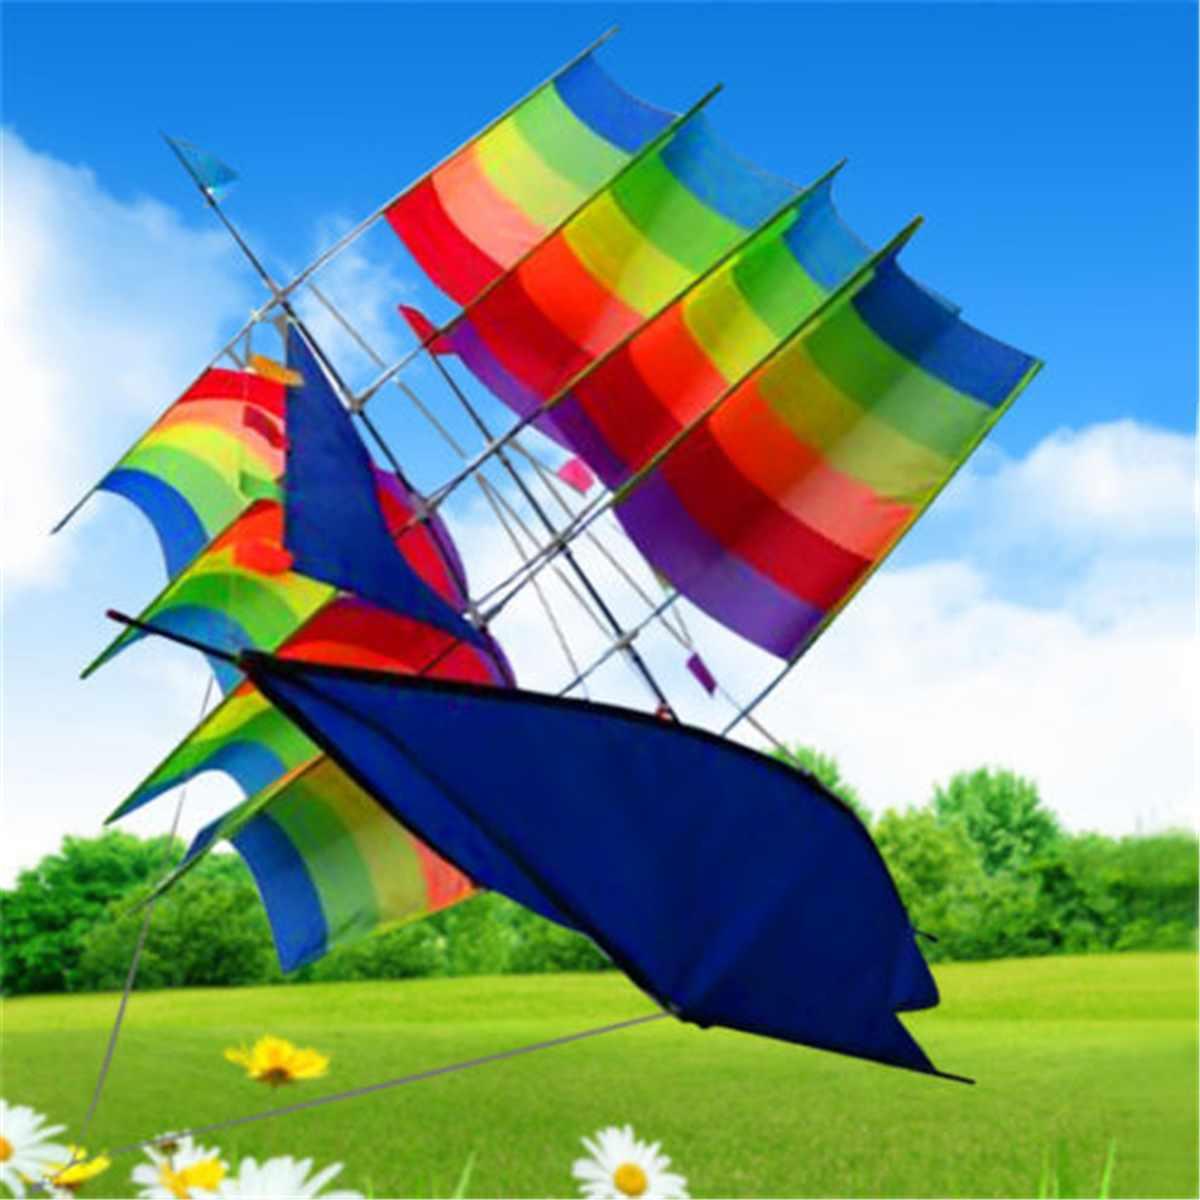 Chaud grand 3D arc-en-ciel voilier volant cerf-volant en plein air amusant sport jouets enfants enfants jeu activité coloré bateau cerfs-volants enfants cadeaux